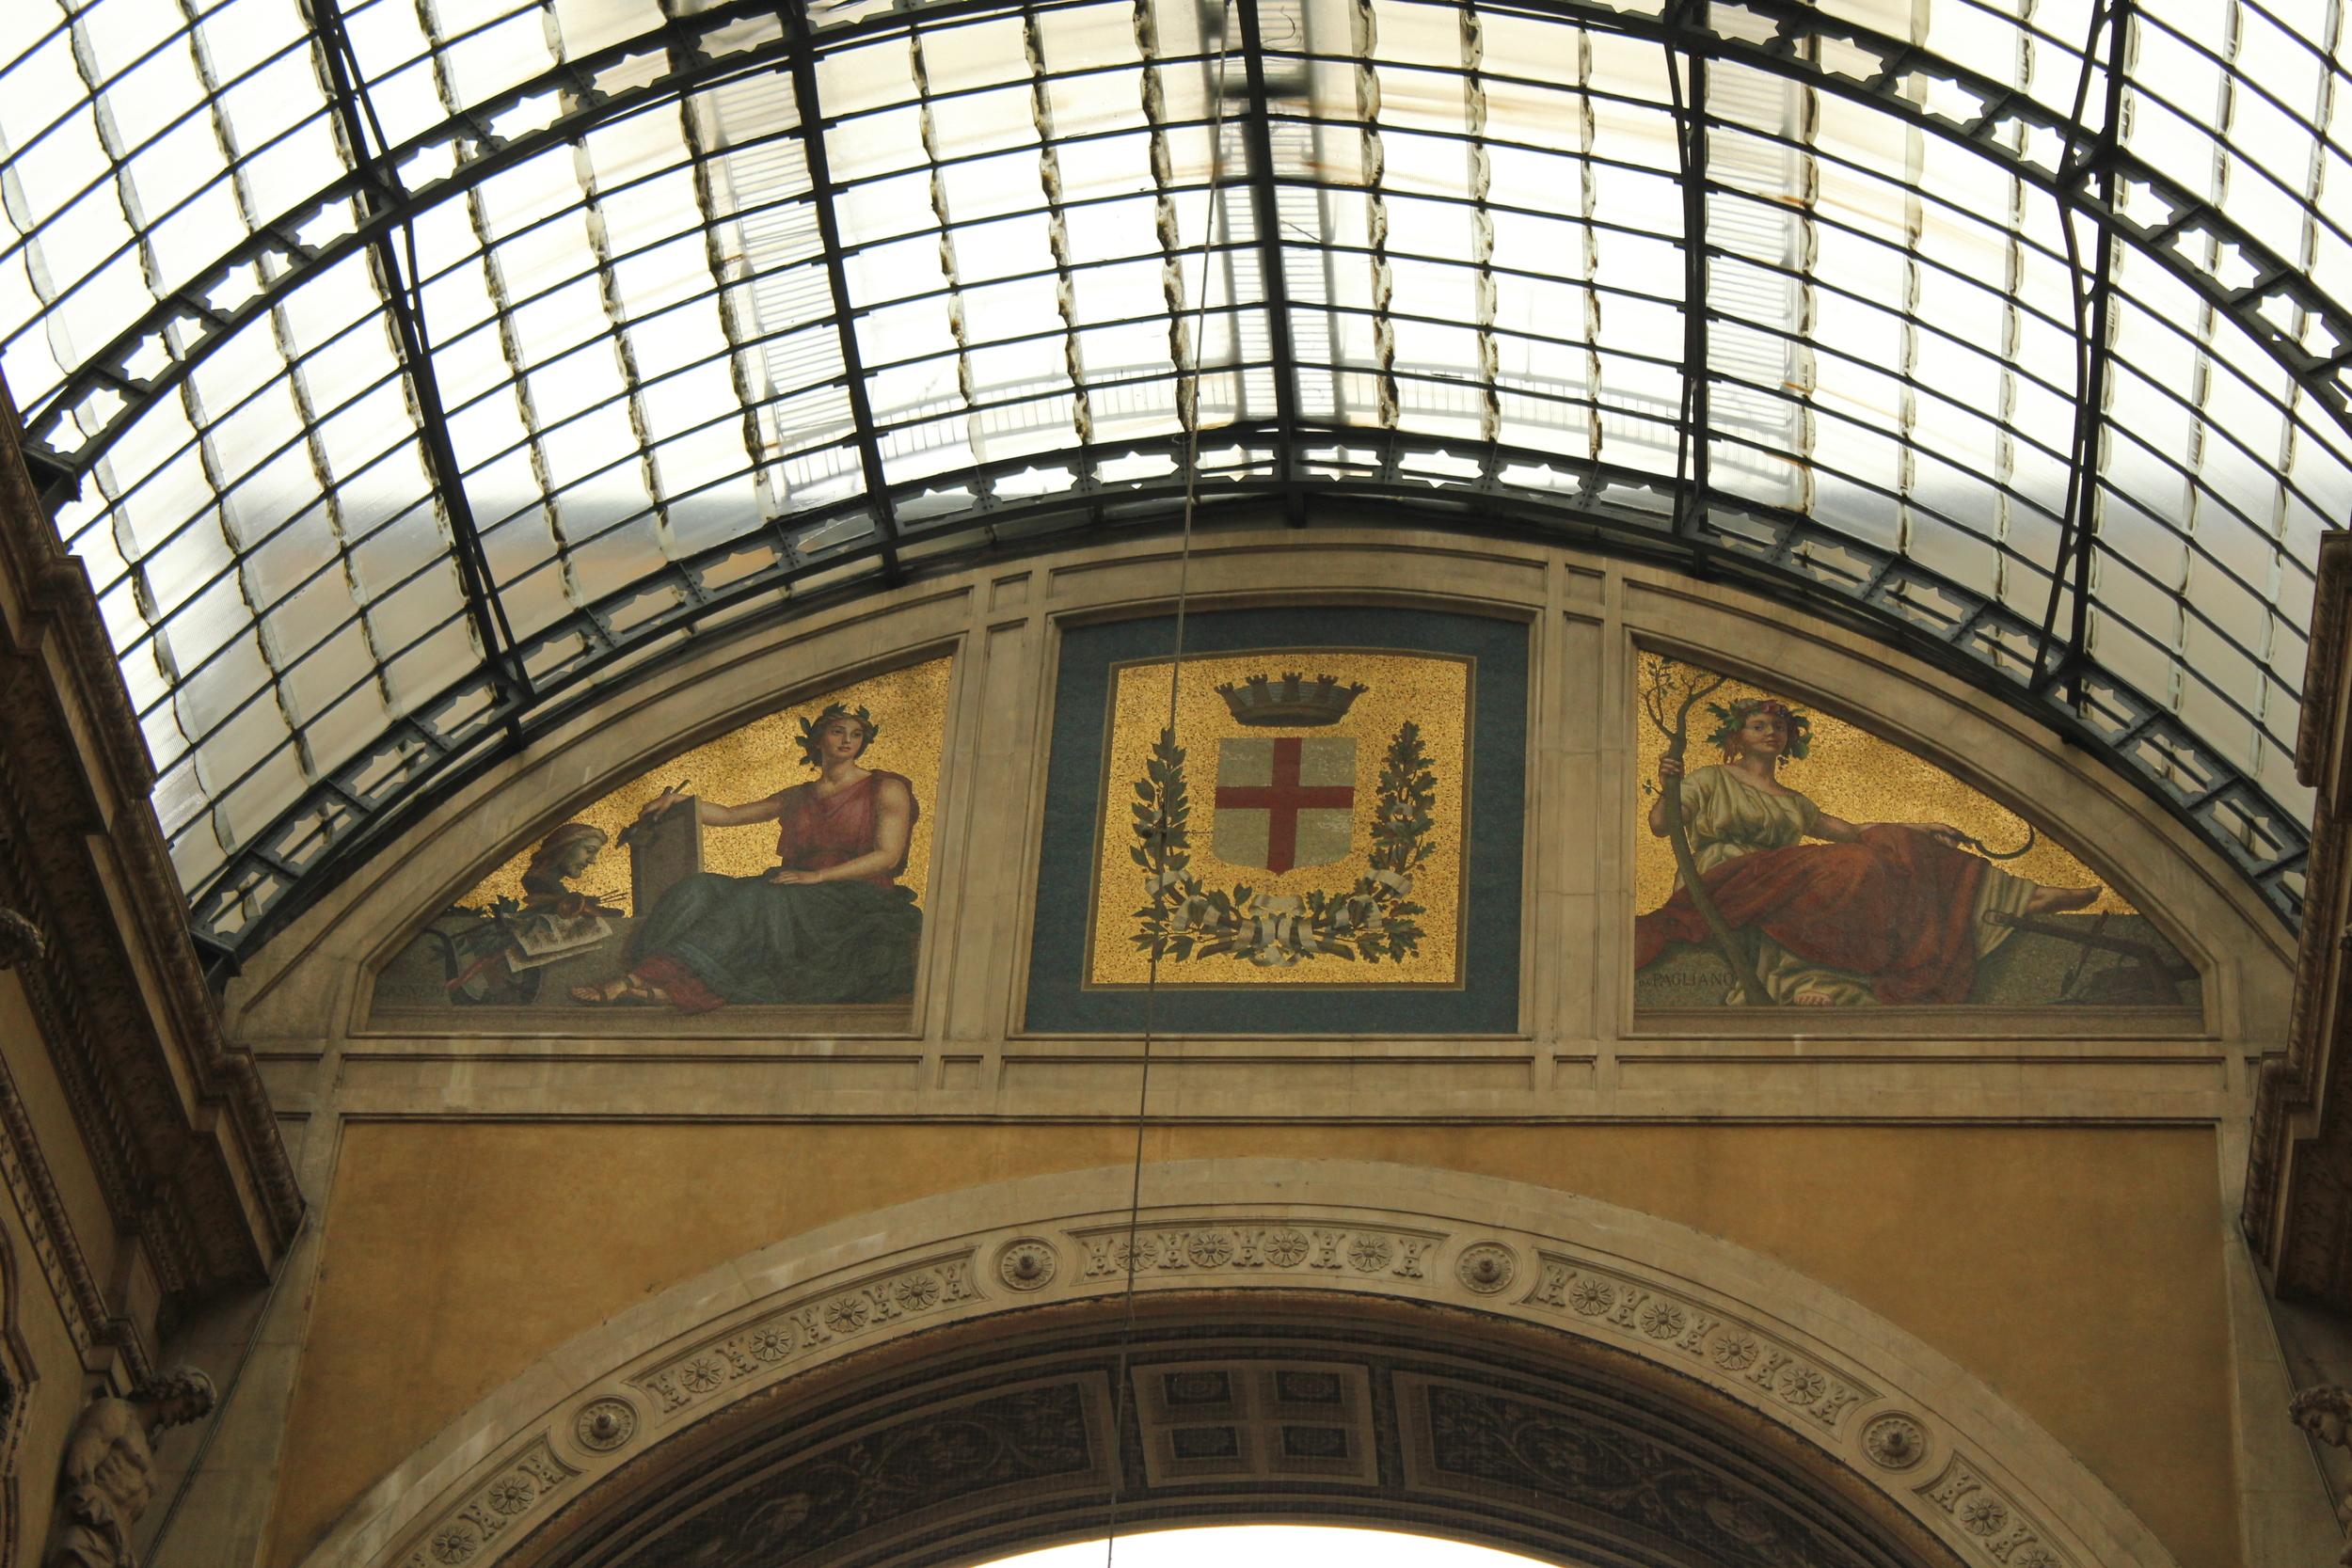 Galleria mural 1